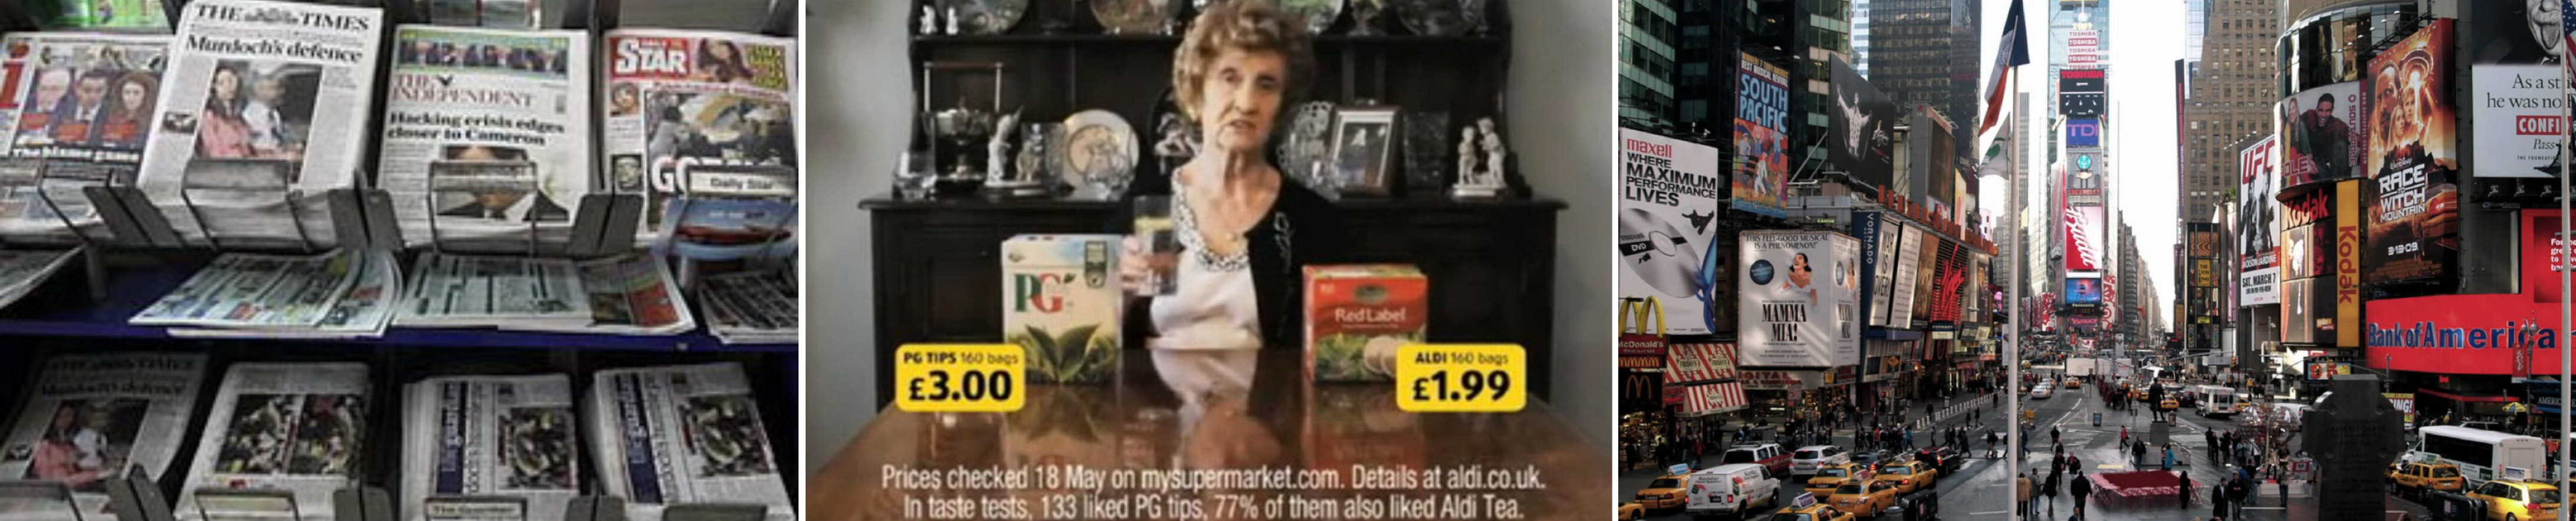 Традиционные виды рекламы | mfive